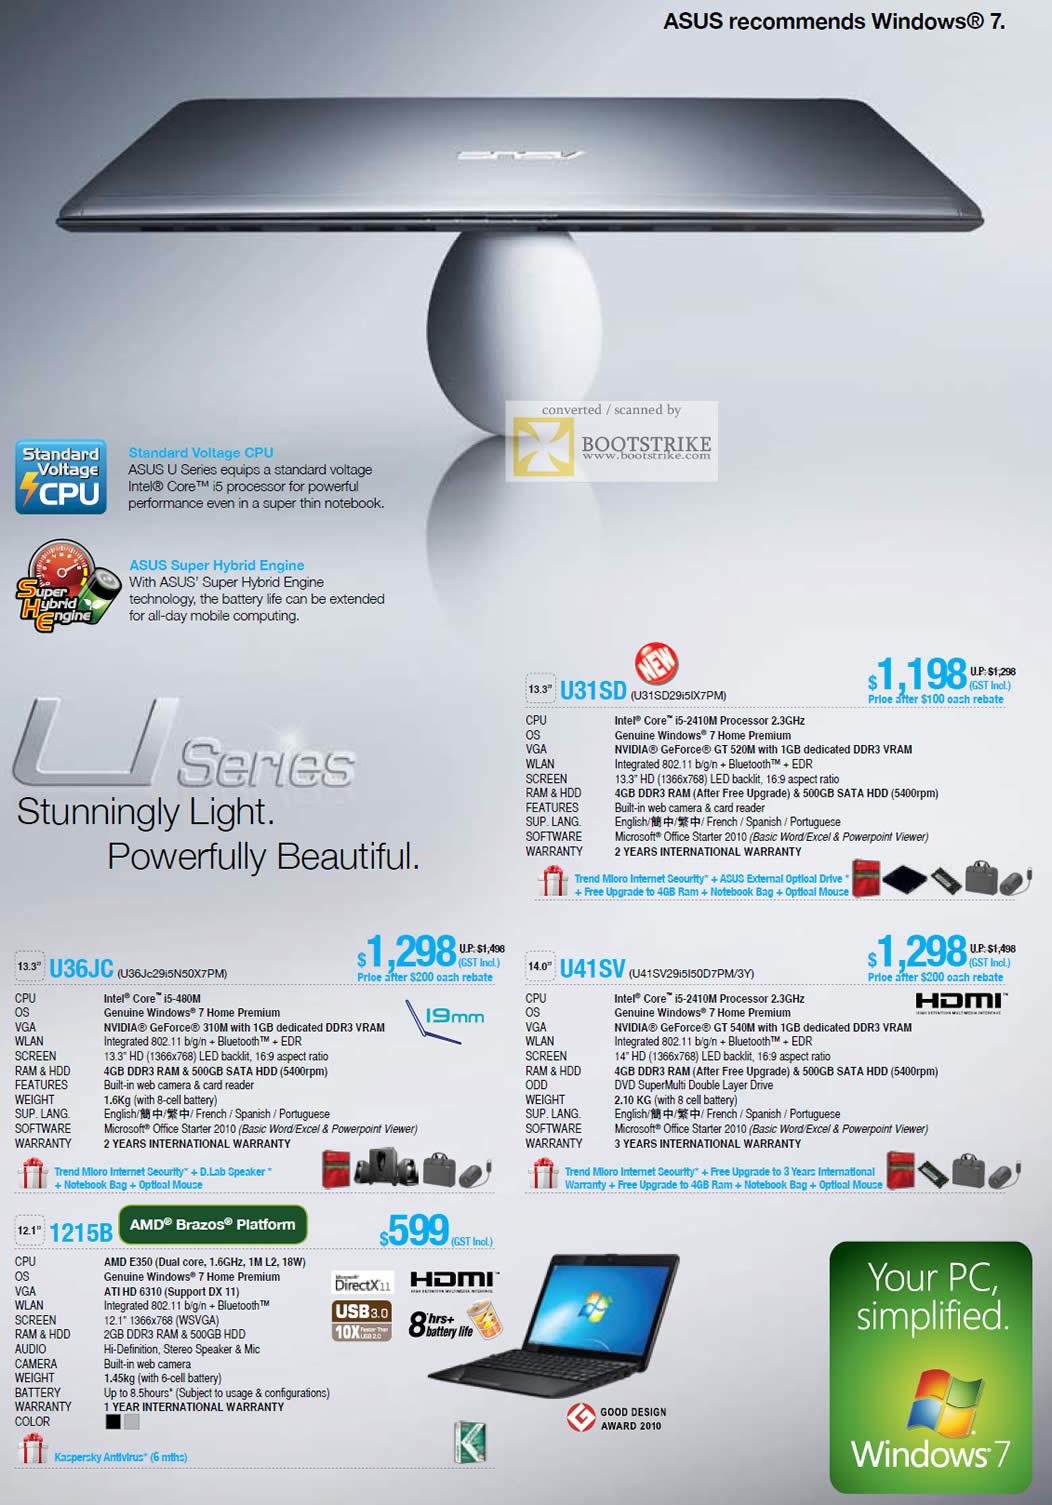 PC Show 2011 price list image brochure of ASUS Notebooks U Series U31SD U41SV U36JC 1215B AMD Brazos